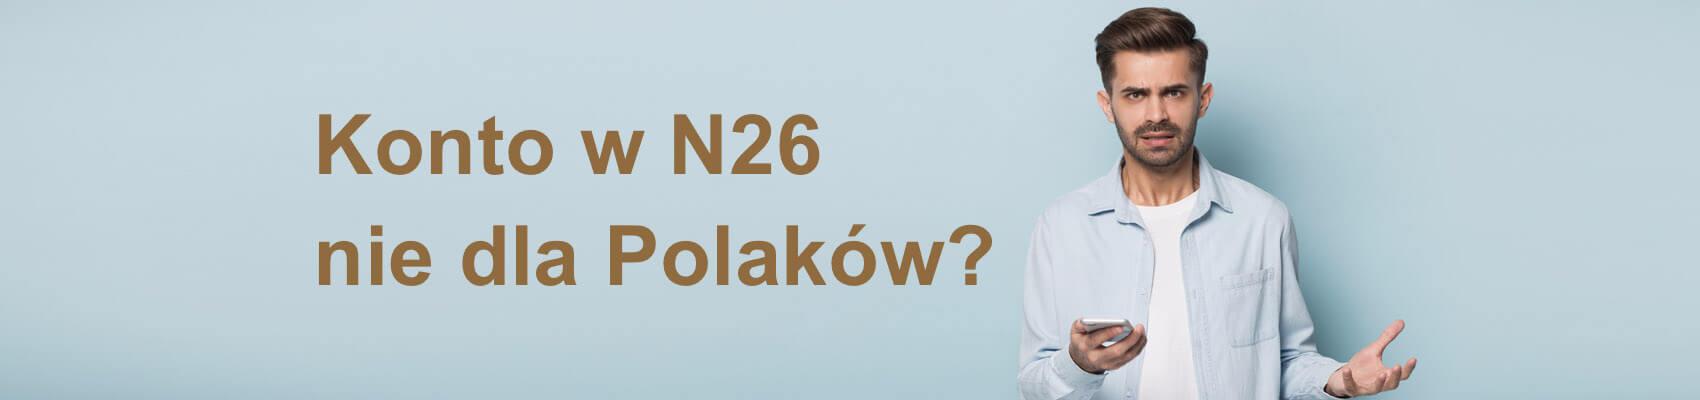 Otwarcie konta w N26 - czy warto?